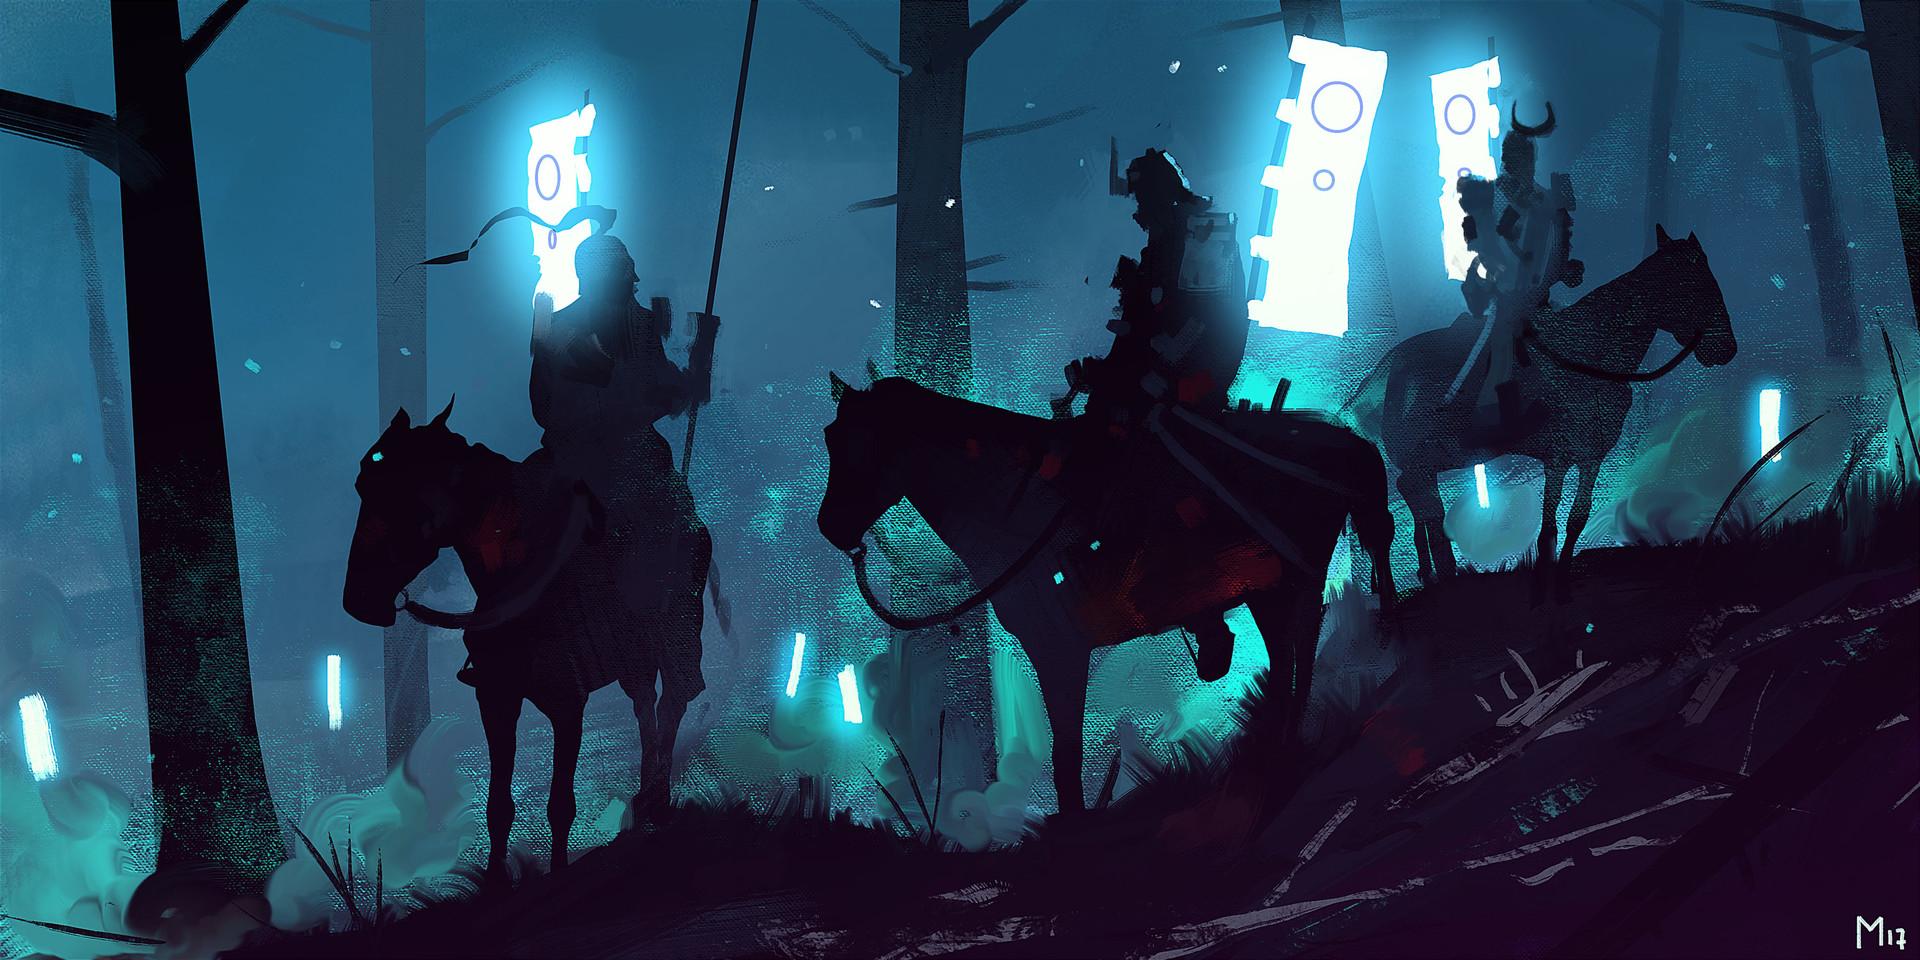 Dominik mayer bluelight in the dark